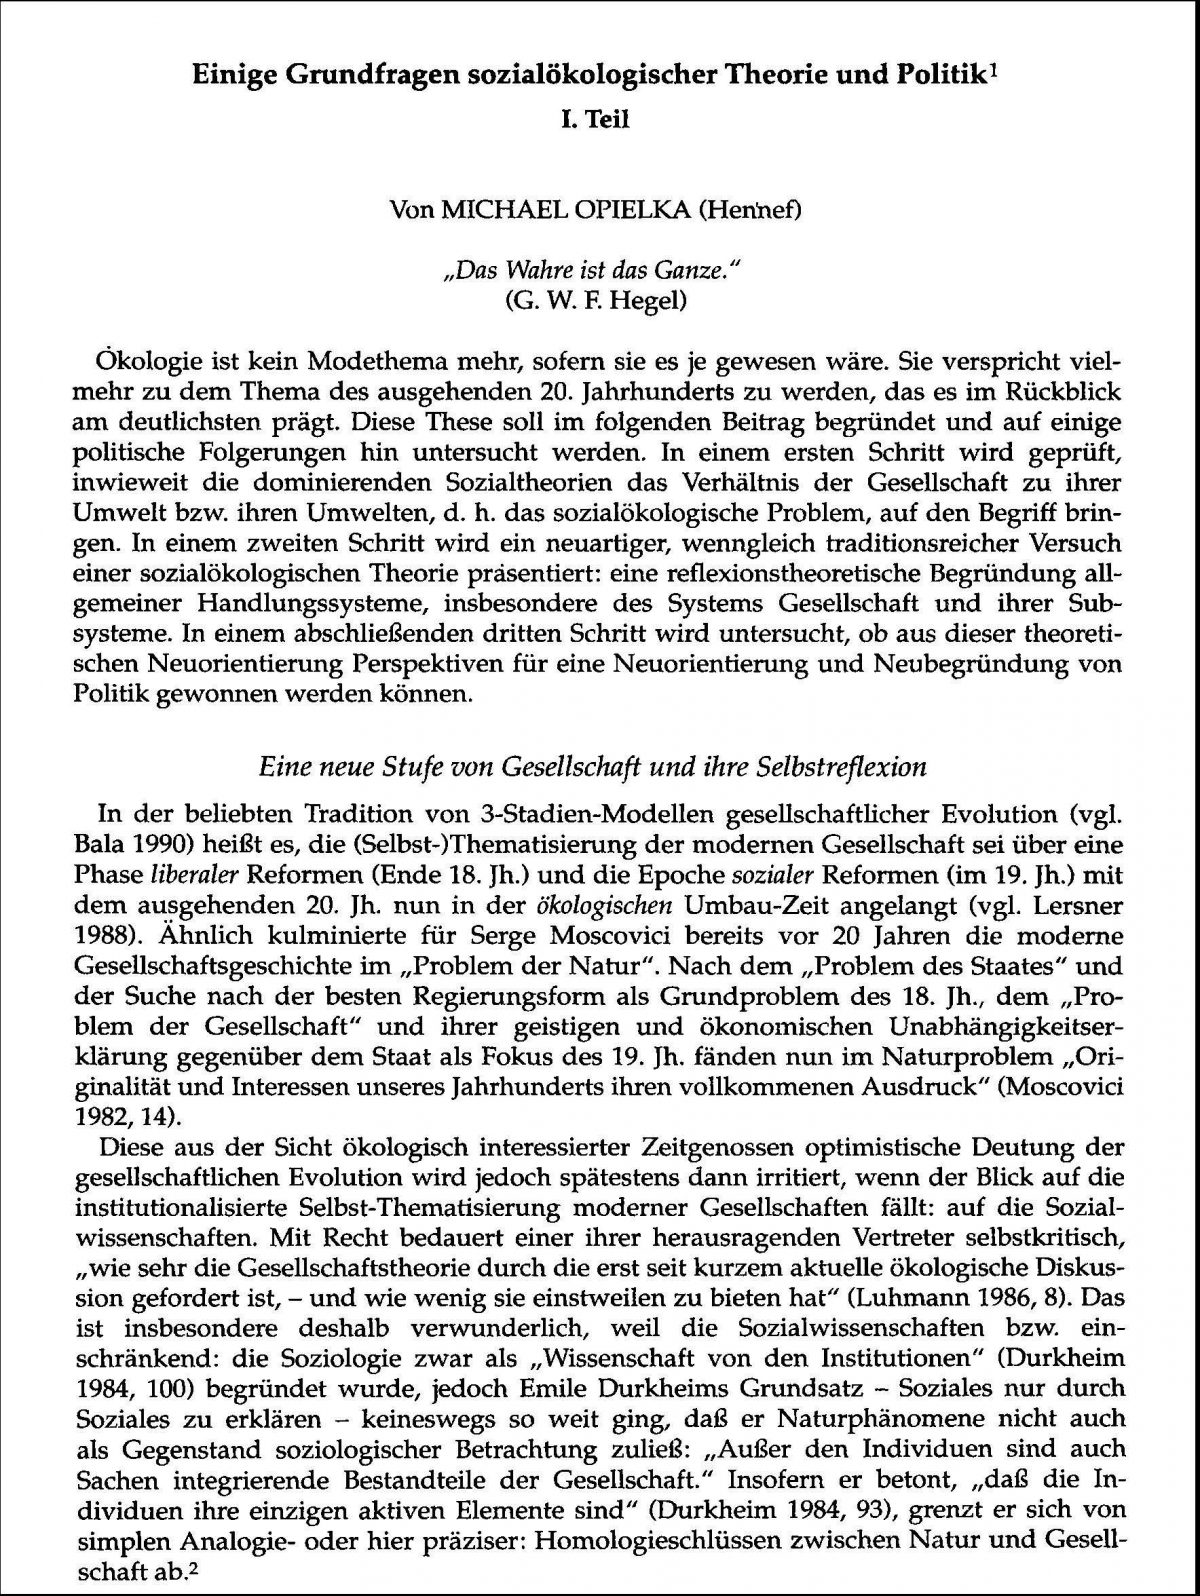 Michael Opielka, Einige Grundfragen sozialökologischer Theorie und Politik (1990)